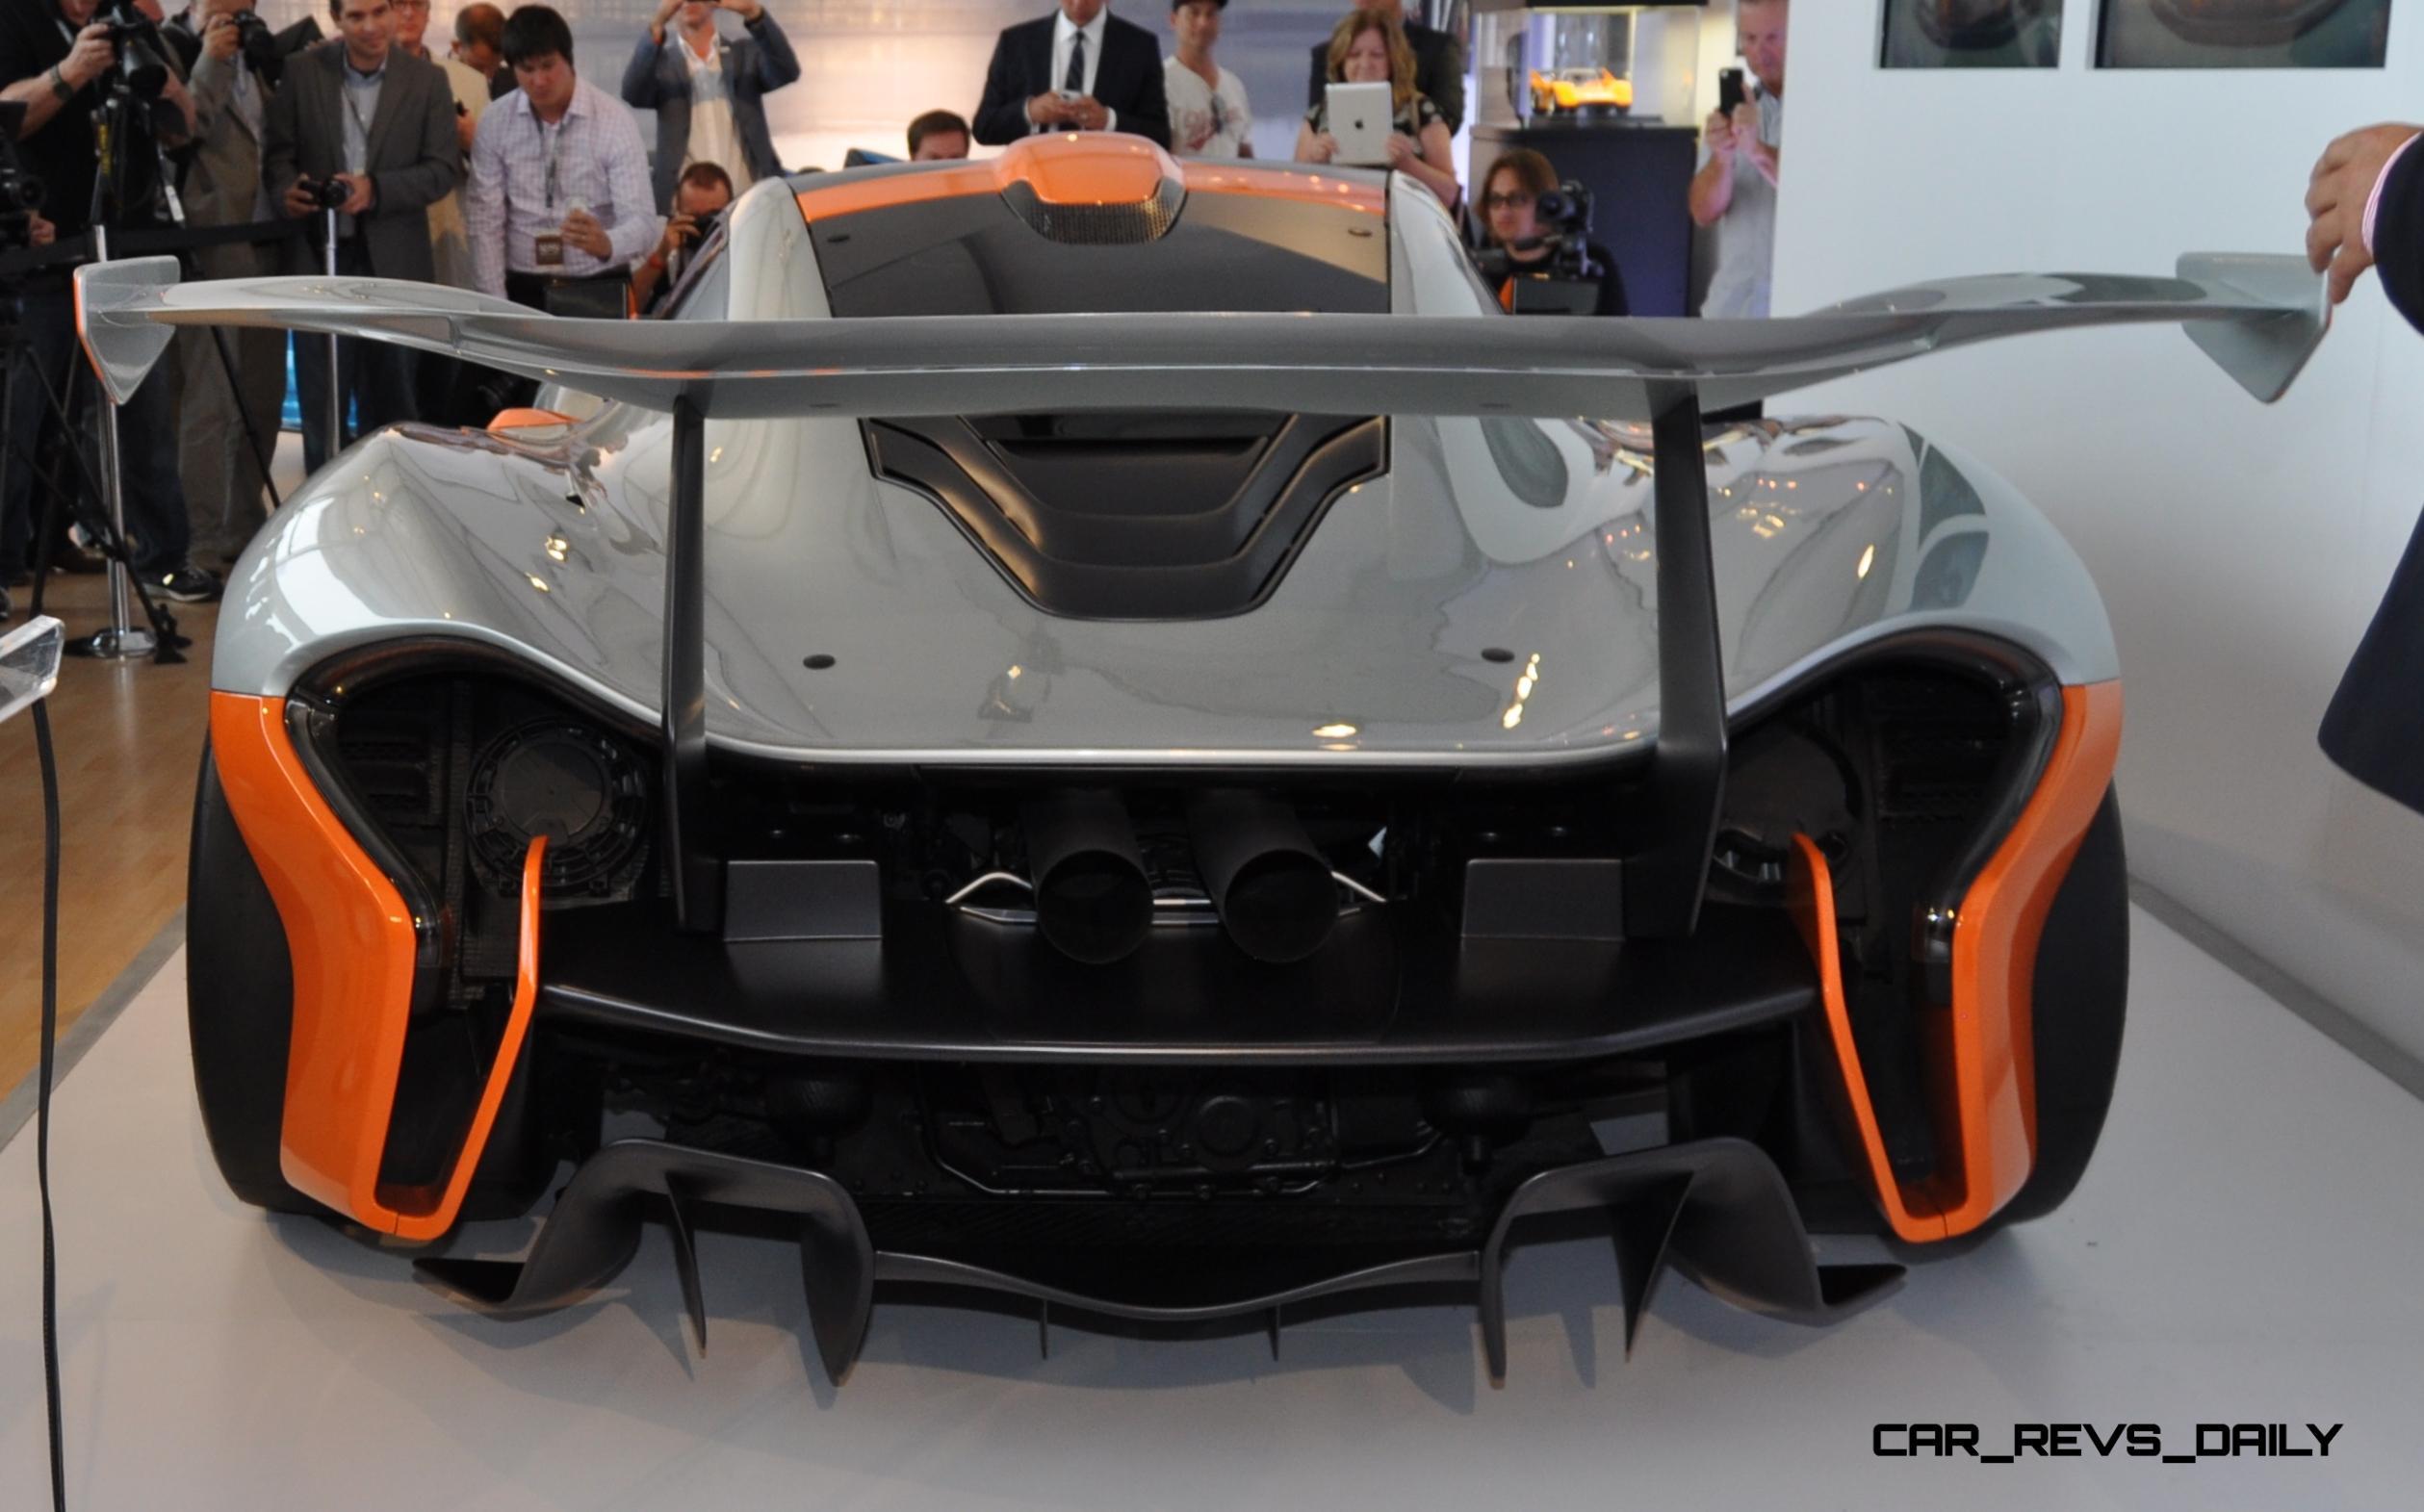 2015 McLaren P1 GTR - Pebble Beach World Debut in 55 High-Res Photos 8